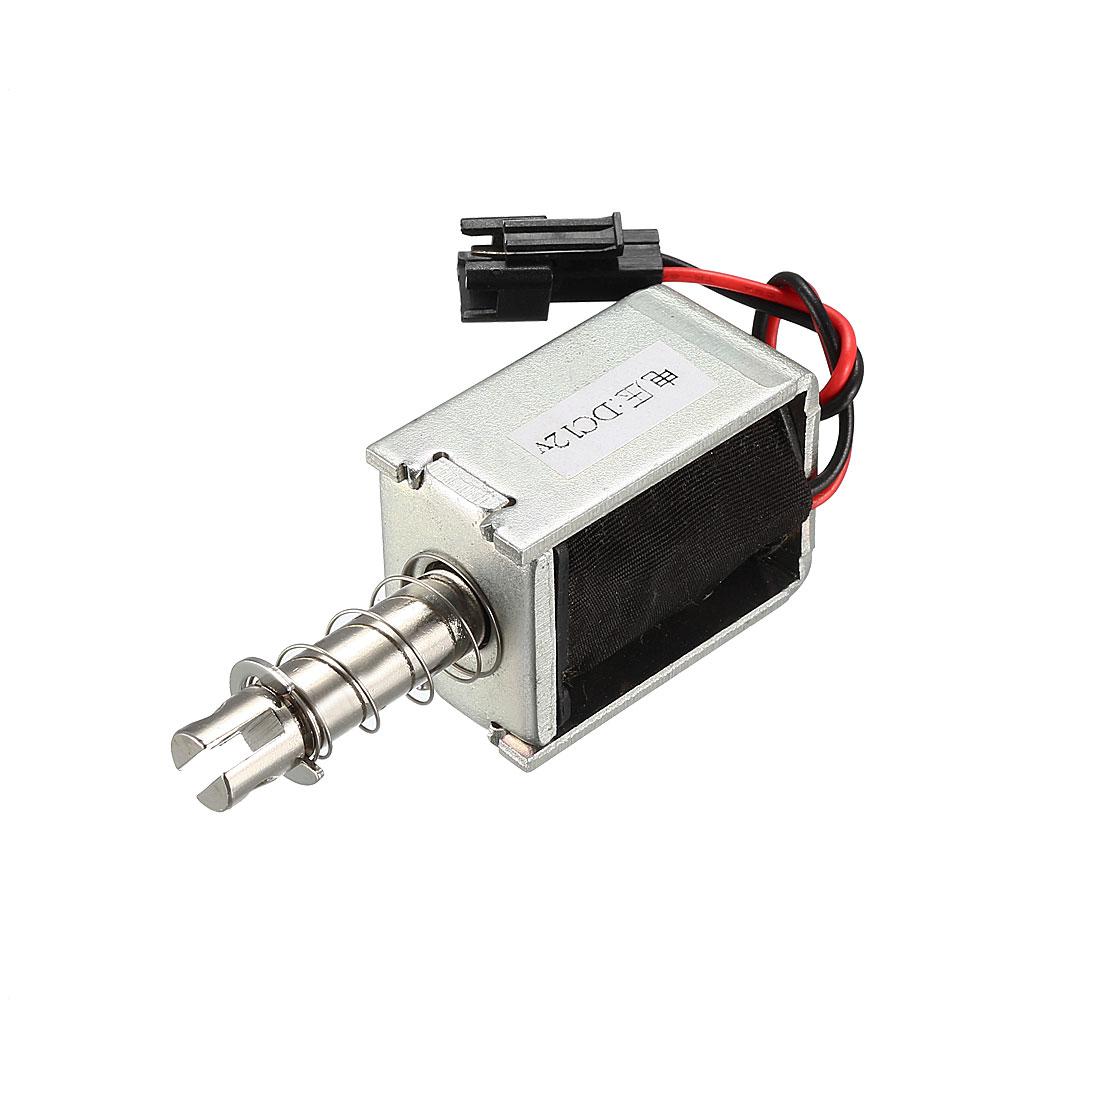 DC 12V 400g 4mm Pull Type Solenoid Electromagnet, Open Frame, Linear Motion